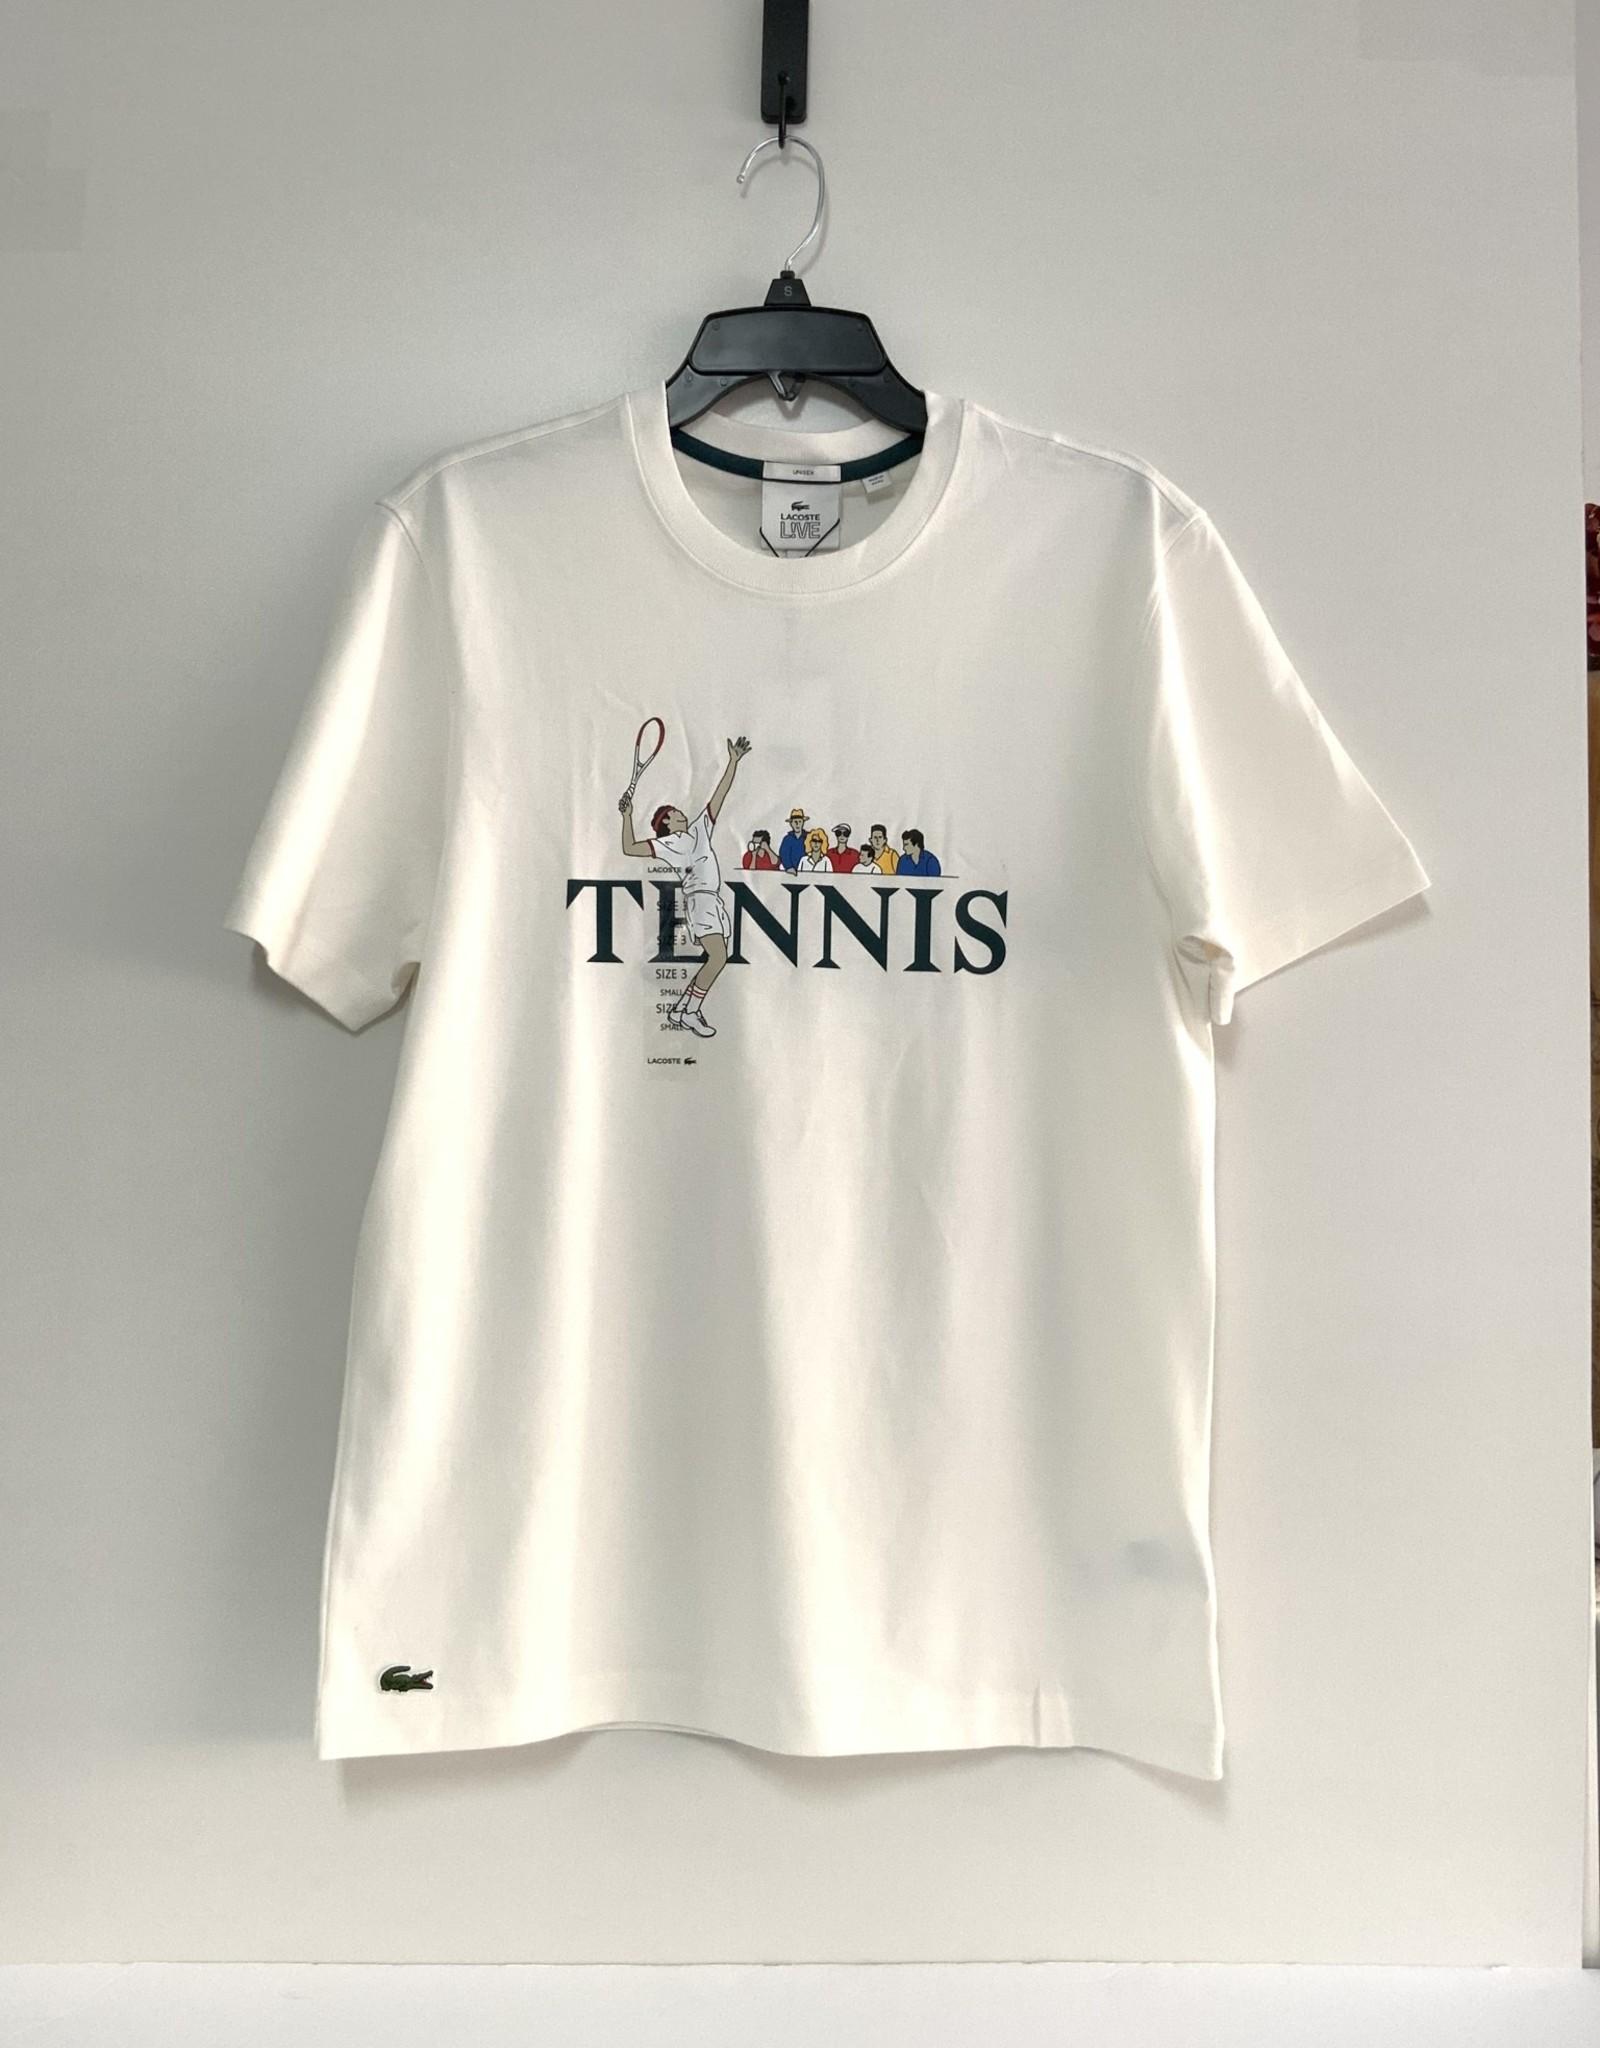 Lacoste Lacoste Live Tee Unisex Tennis 100% Cotton